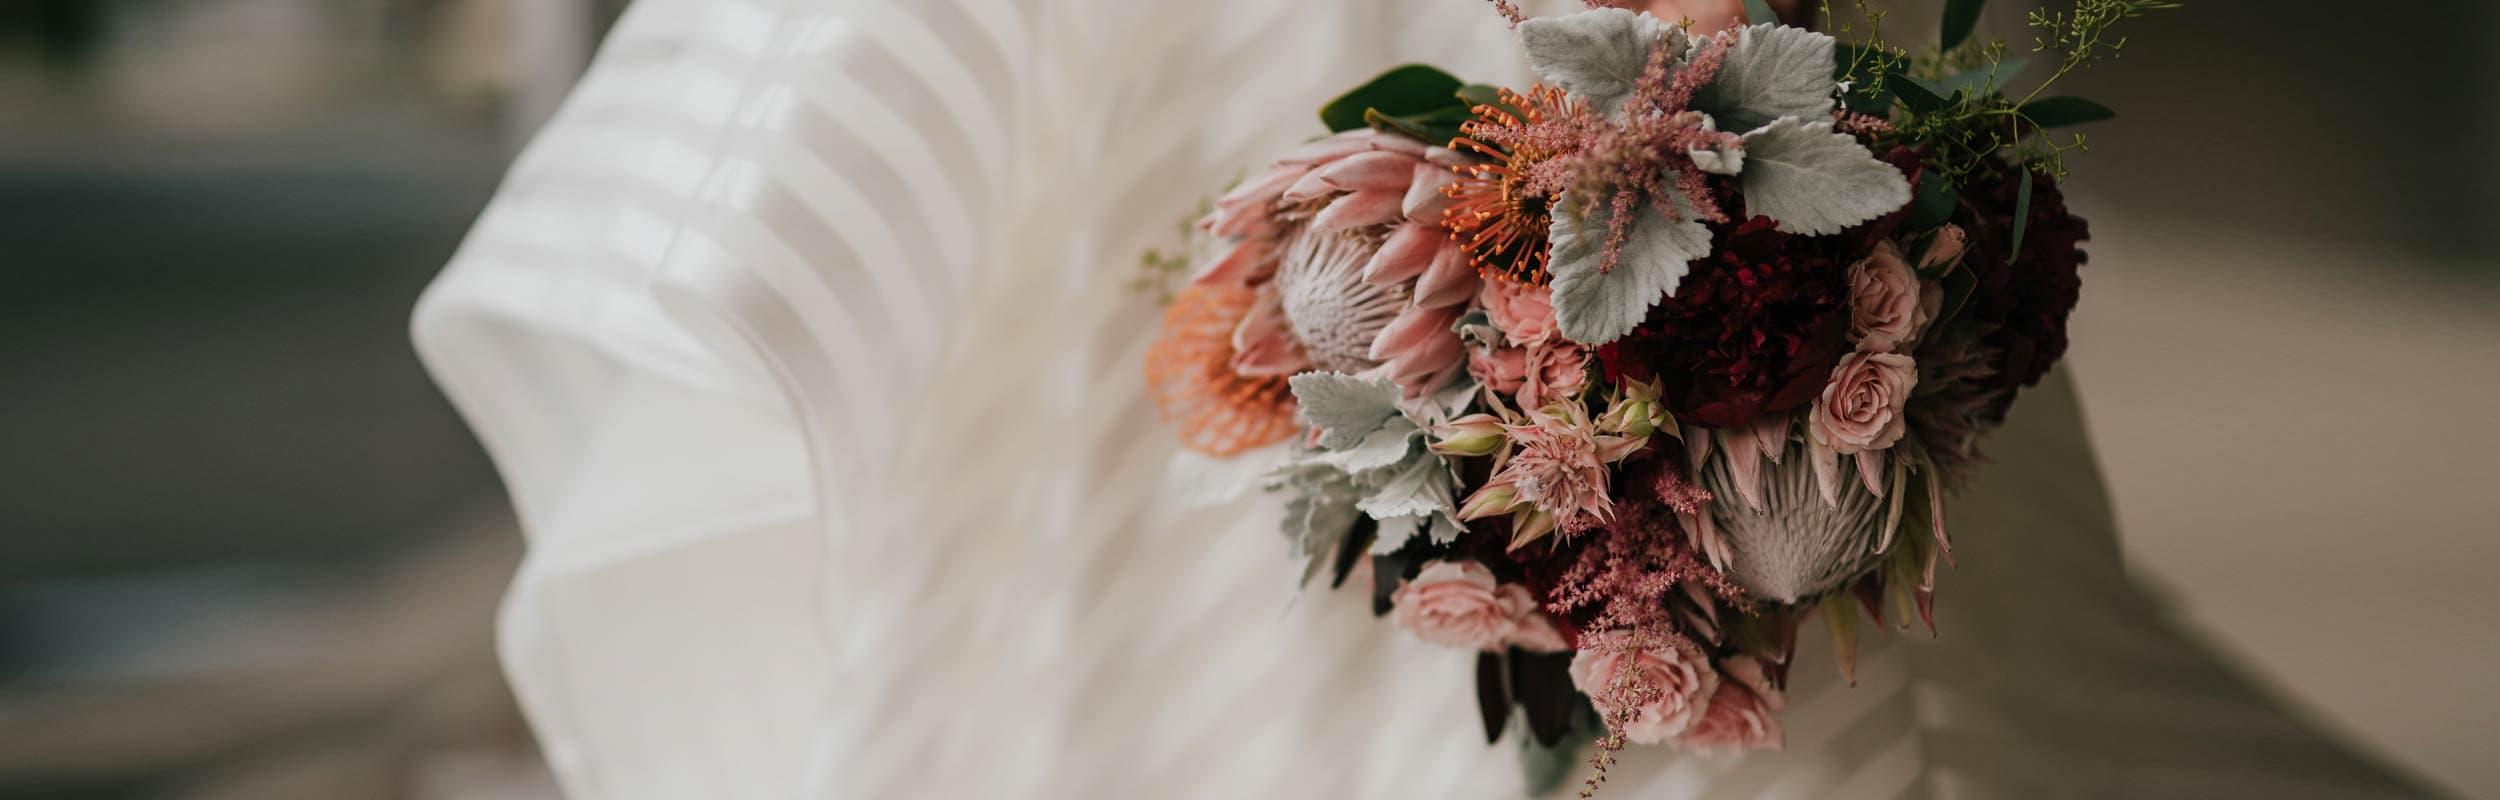 bouquet-katie-slide